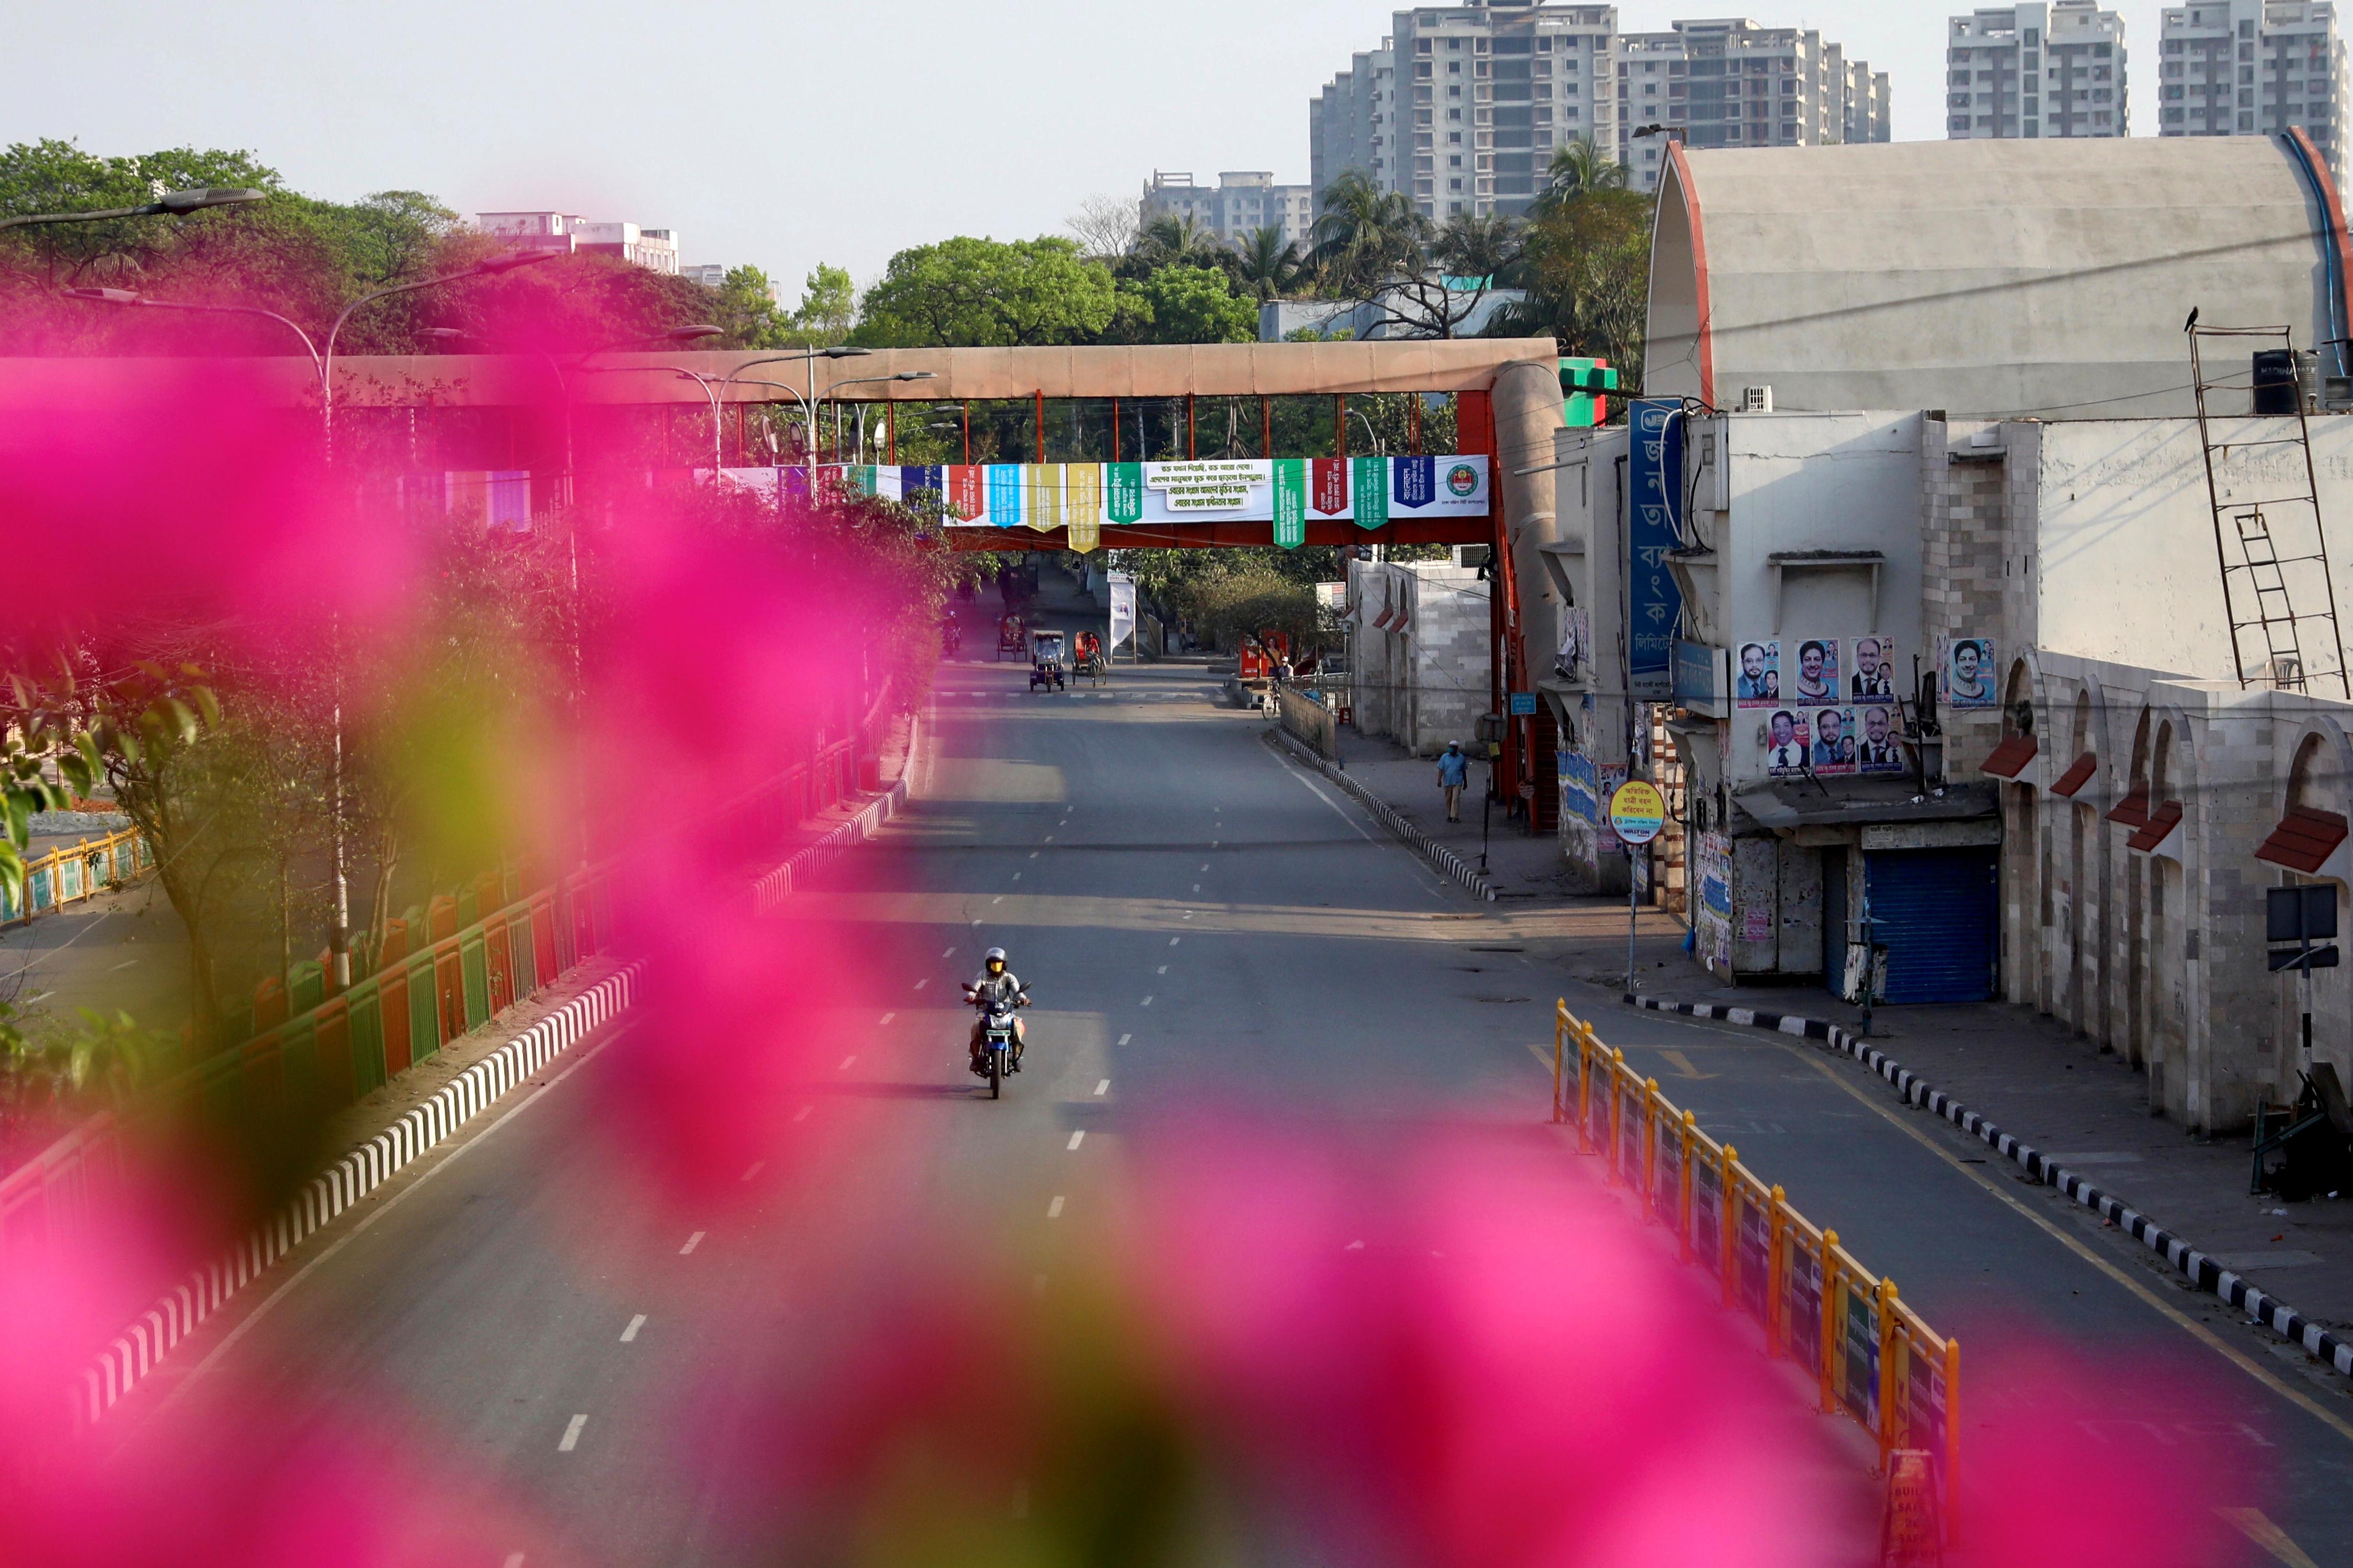 AHORA - El sistema político bangladesí es una democracia parlamentaria (REUTERS/Mohammad Ponir Hossain)